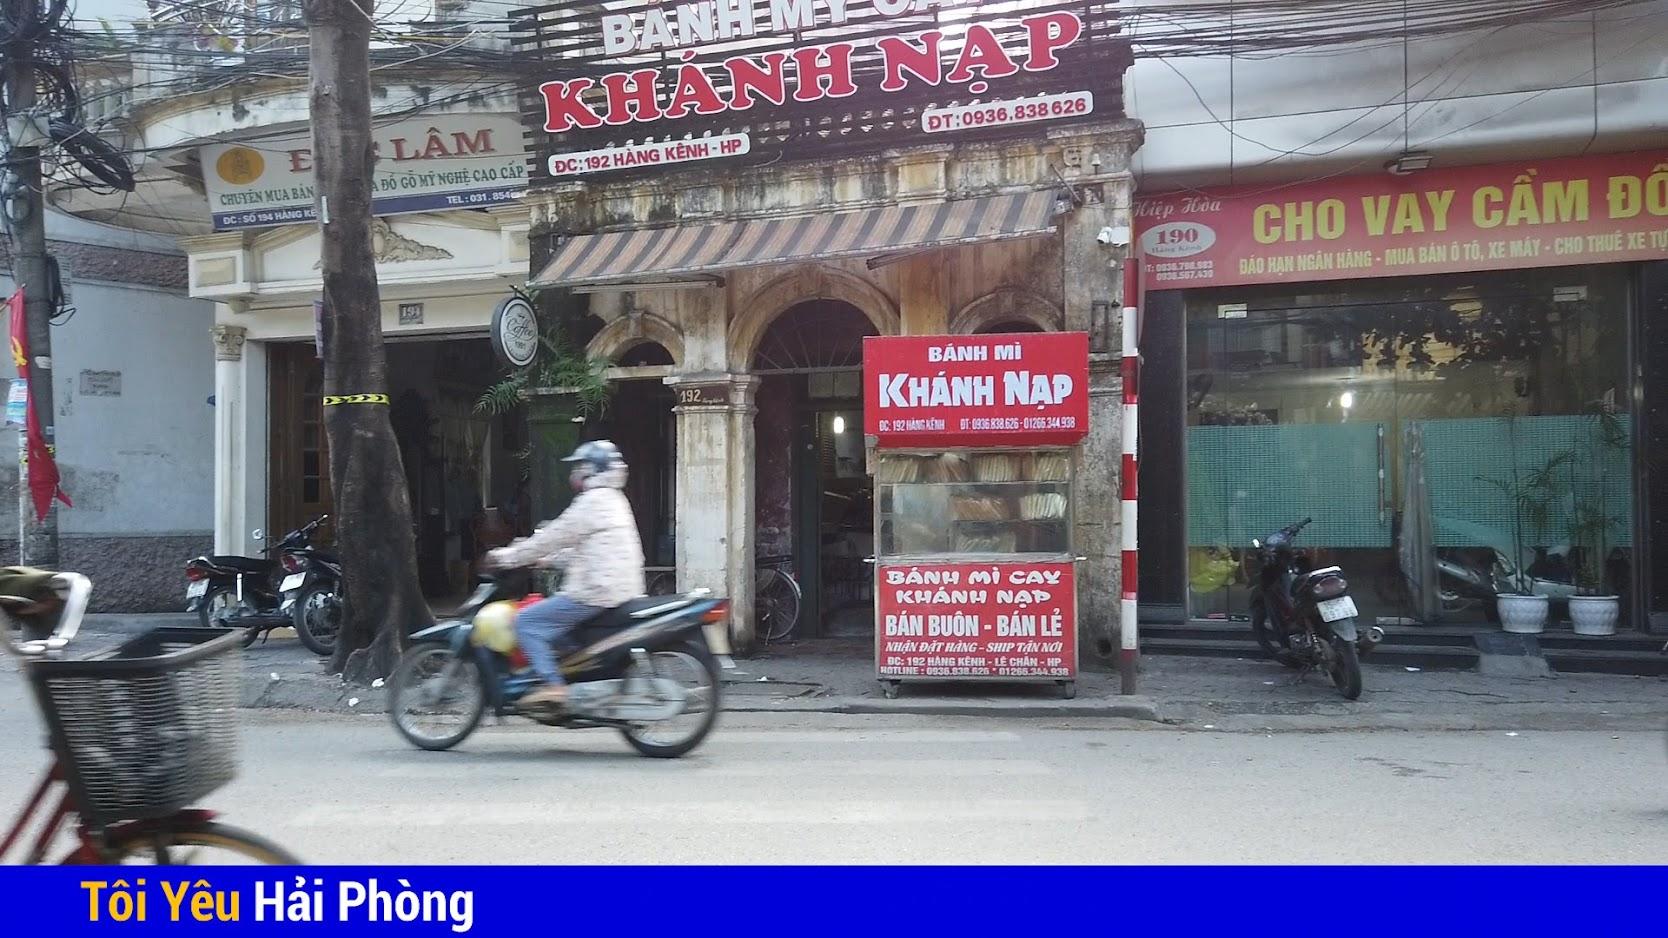 Bánh mỳ cáy Khánh Nạp nổi tiếng đường Hàng Kênh ở Hải Phòng